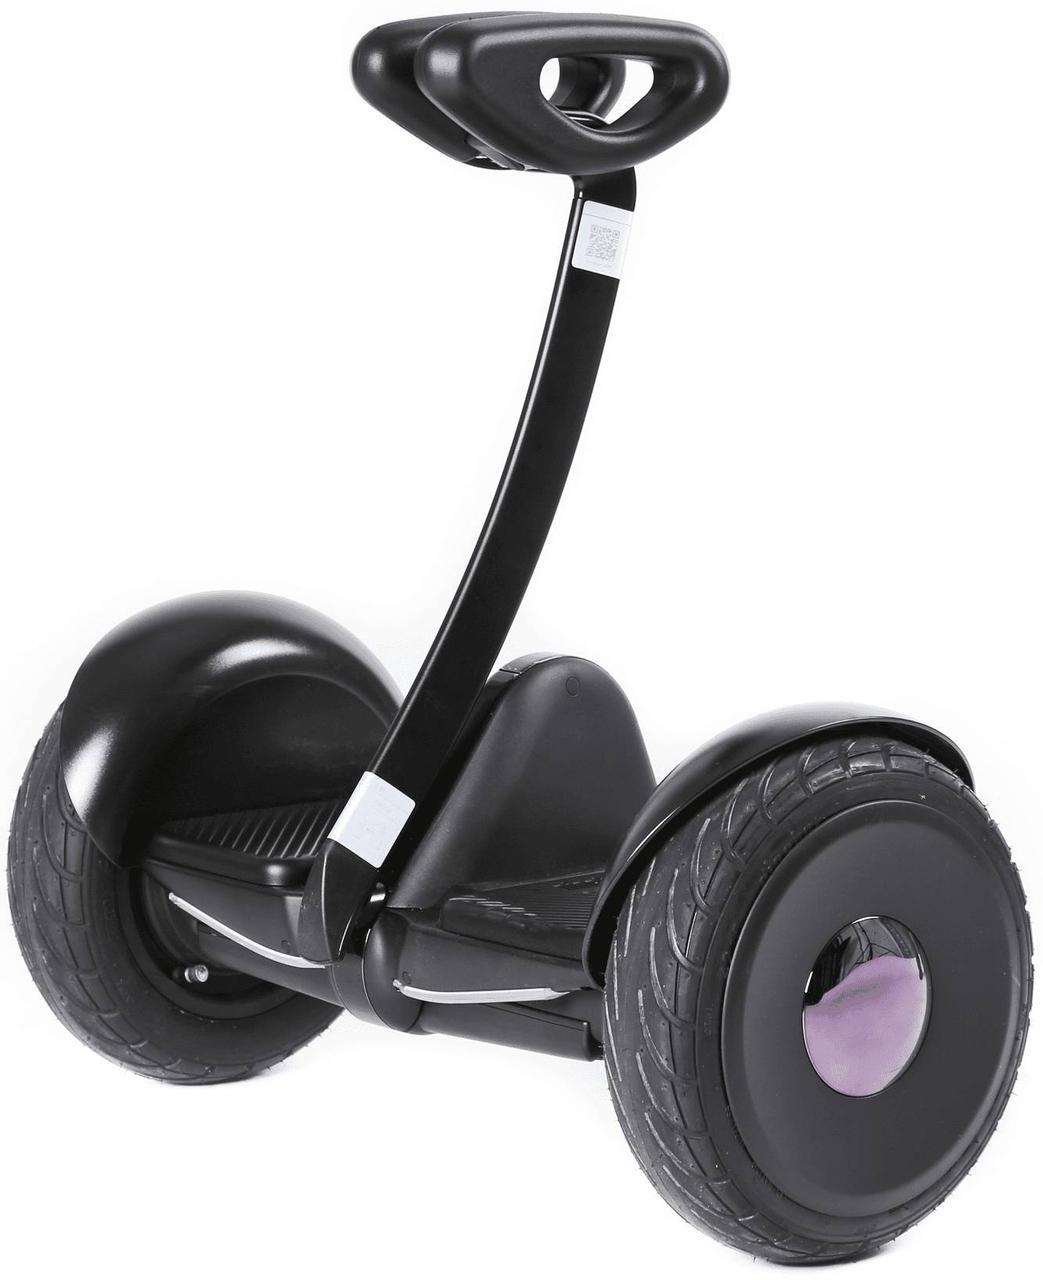 Міні сігвей гироскутер Ninebot Mini Robot 54V Чорний Black.Міні сігвей гіроскутер. Найнбот міні Робот